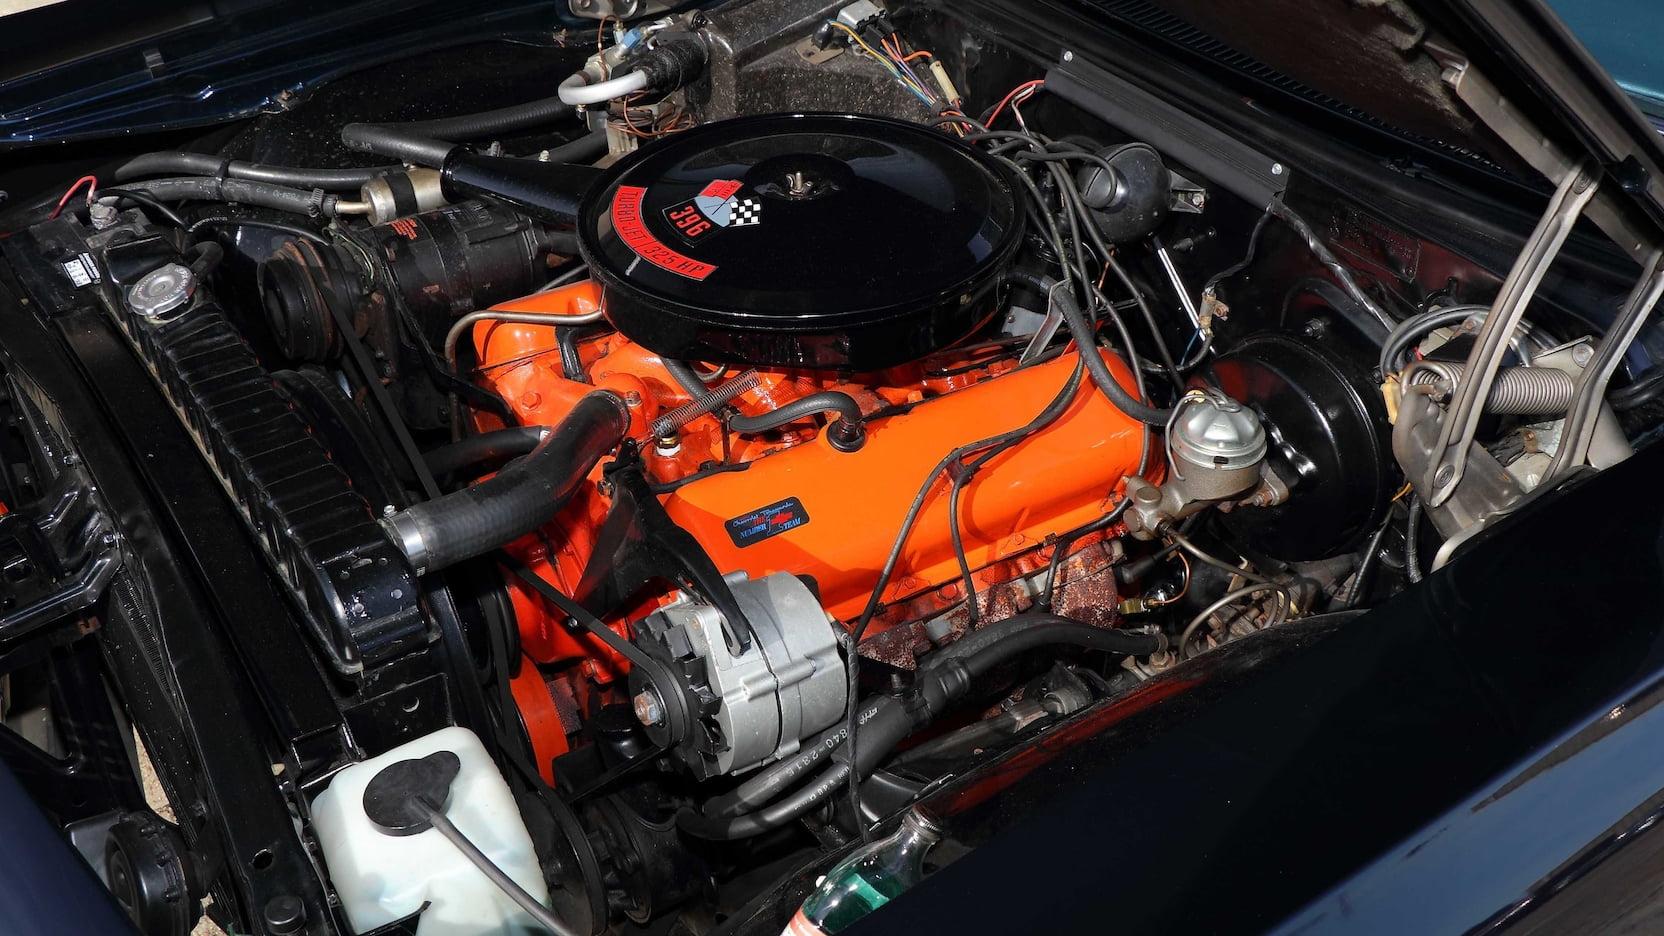 1966 Chevrolet Caprice engine